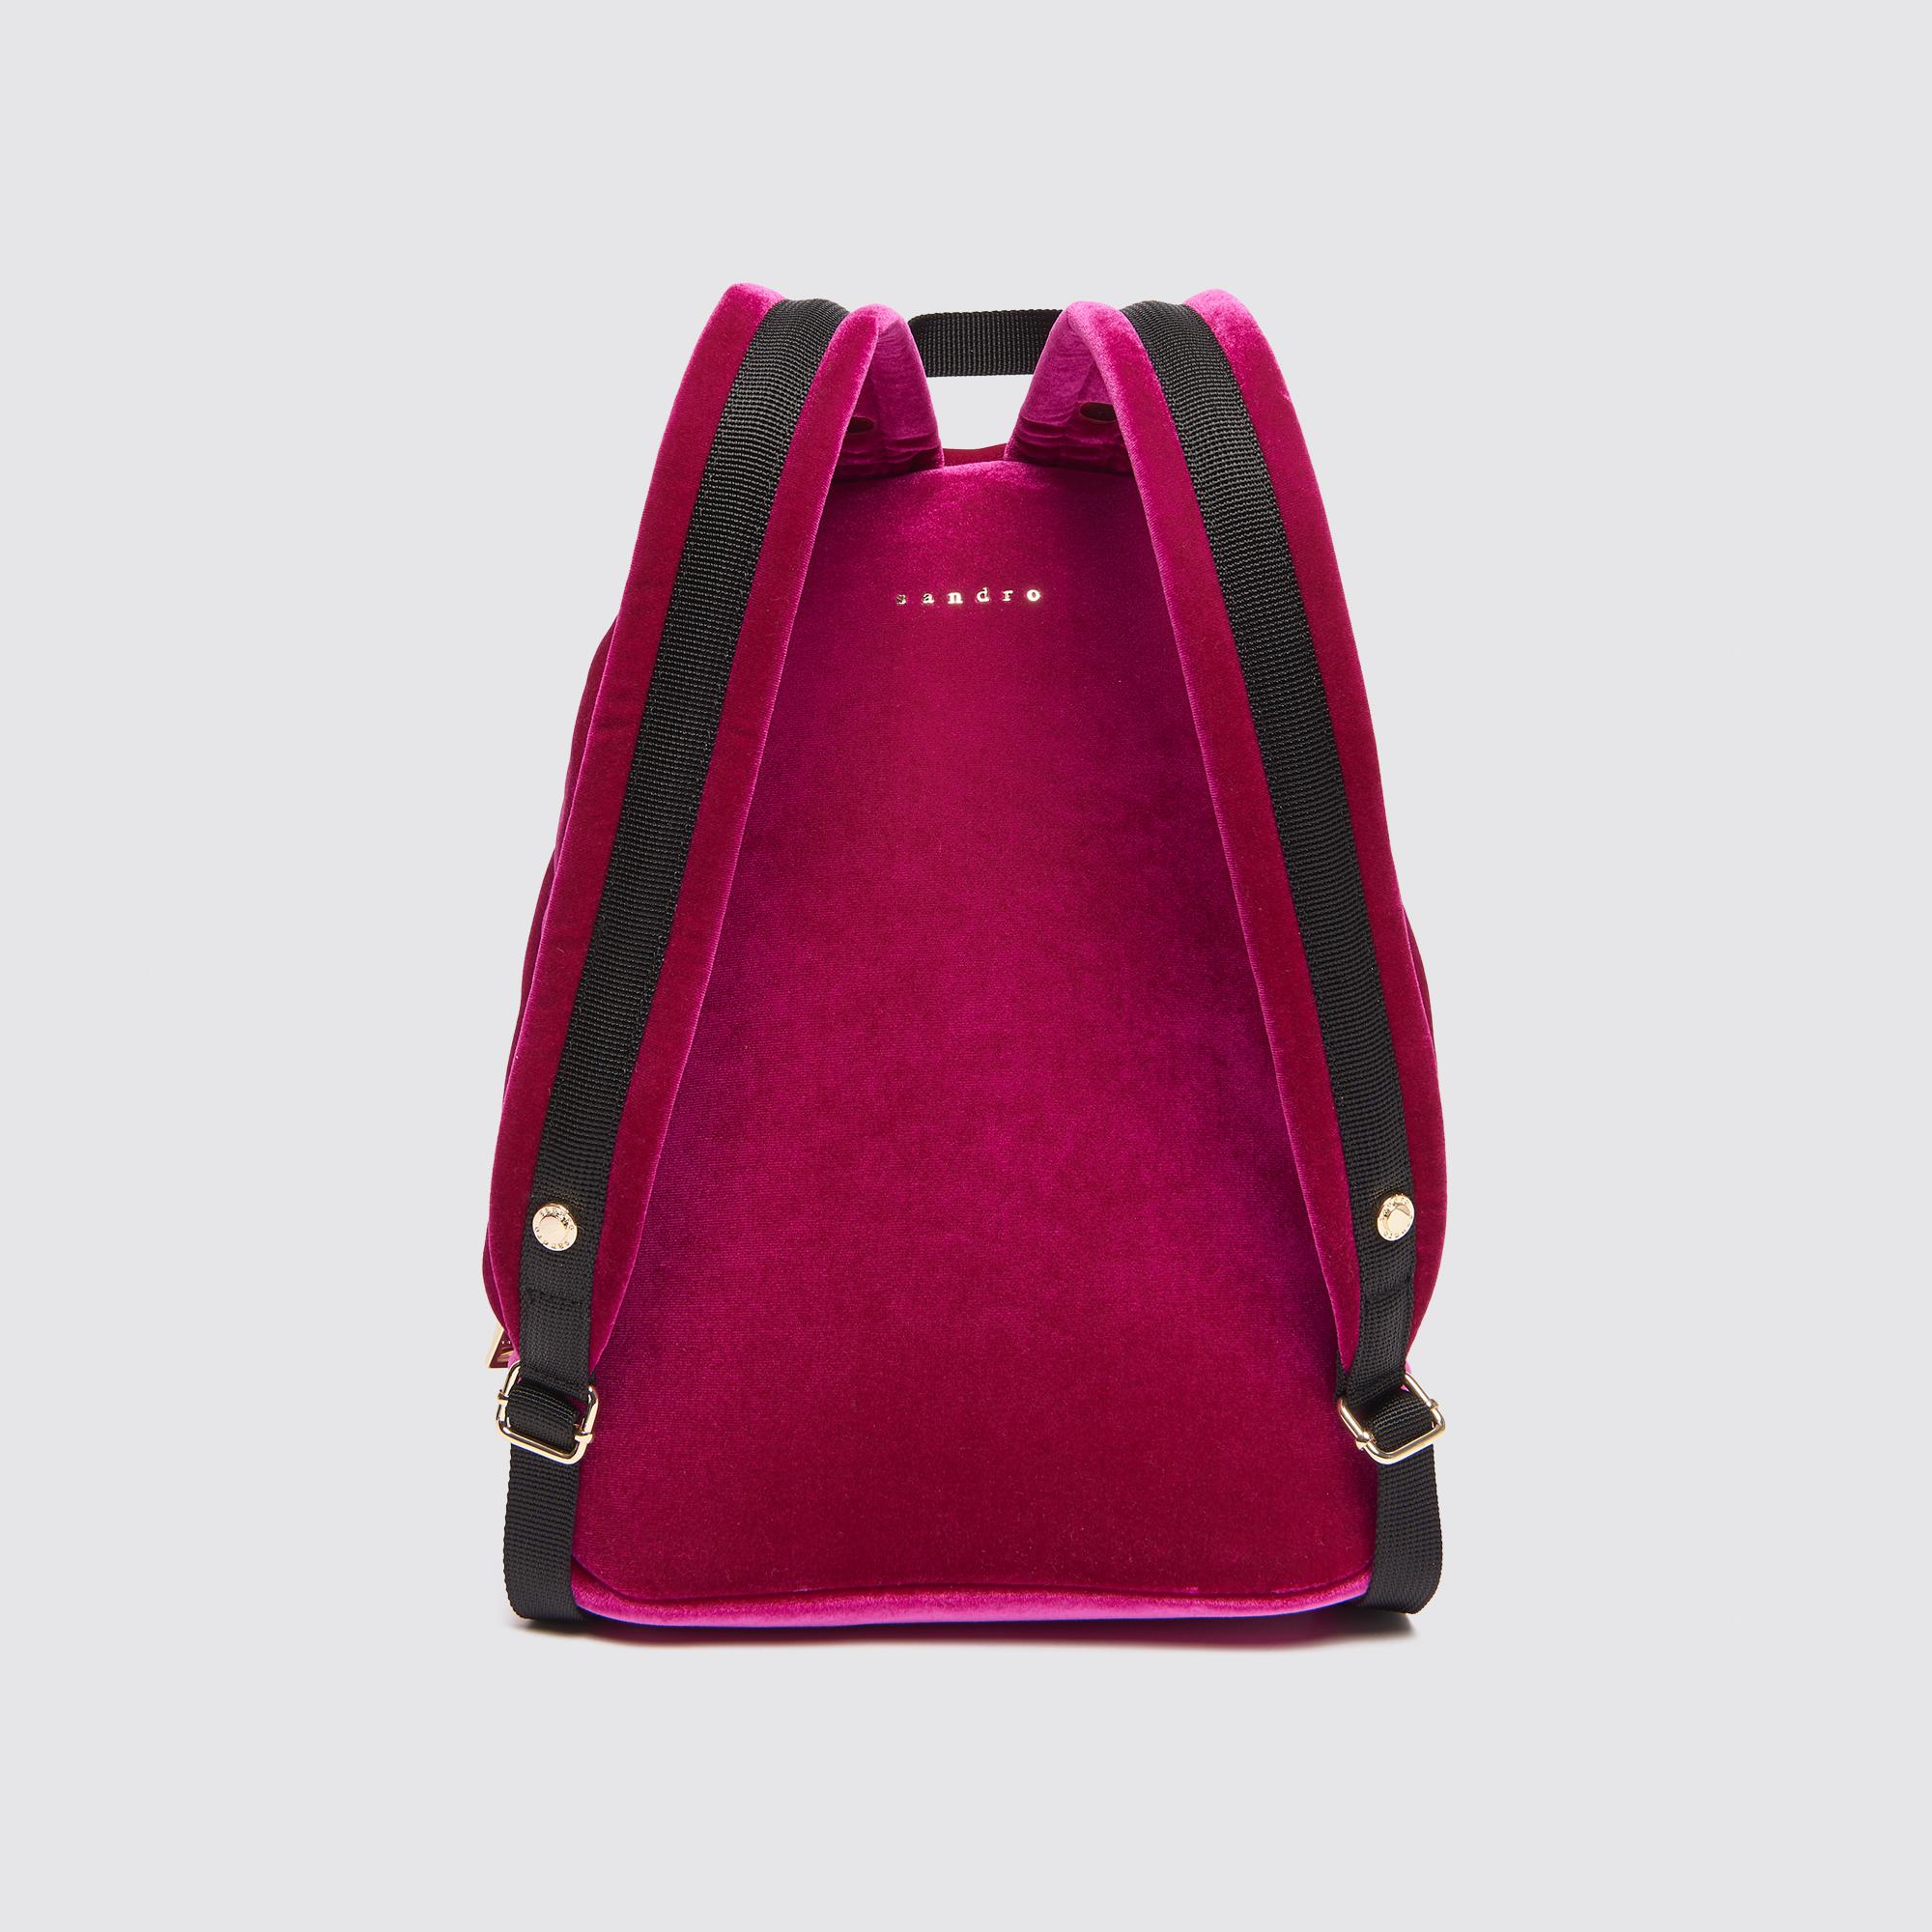 3c8756ff23 view full image size. Velvet backpack